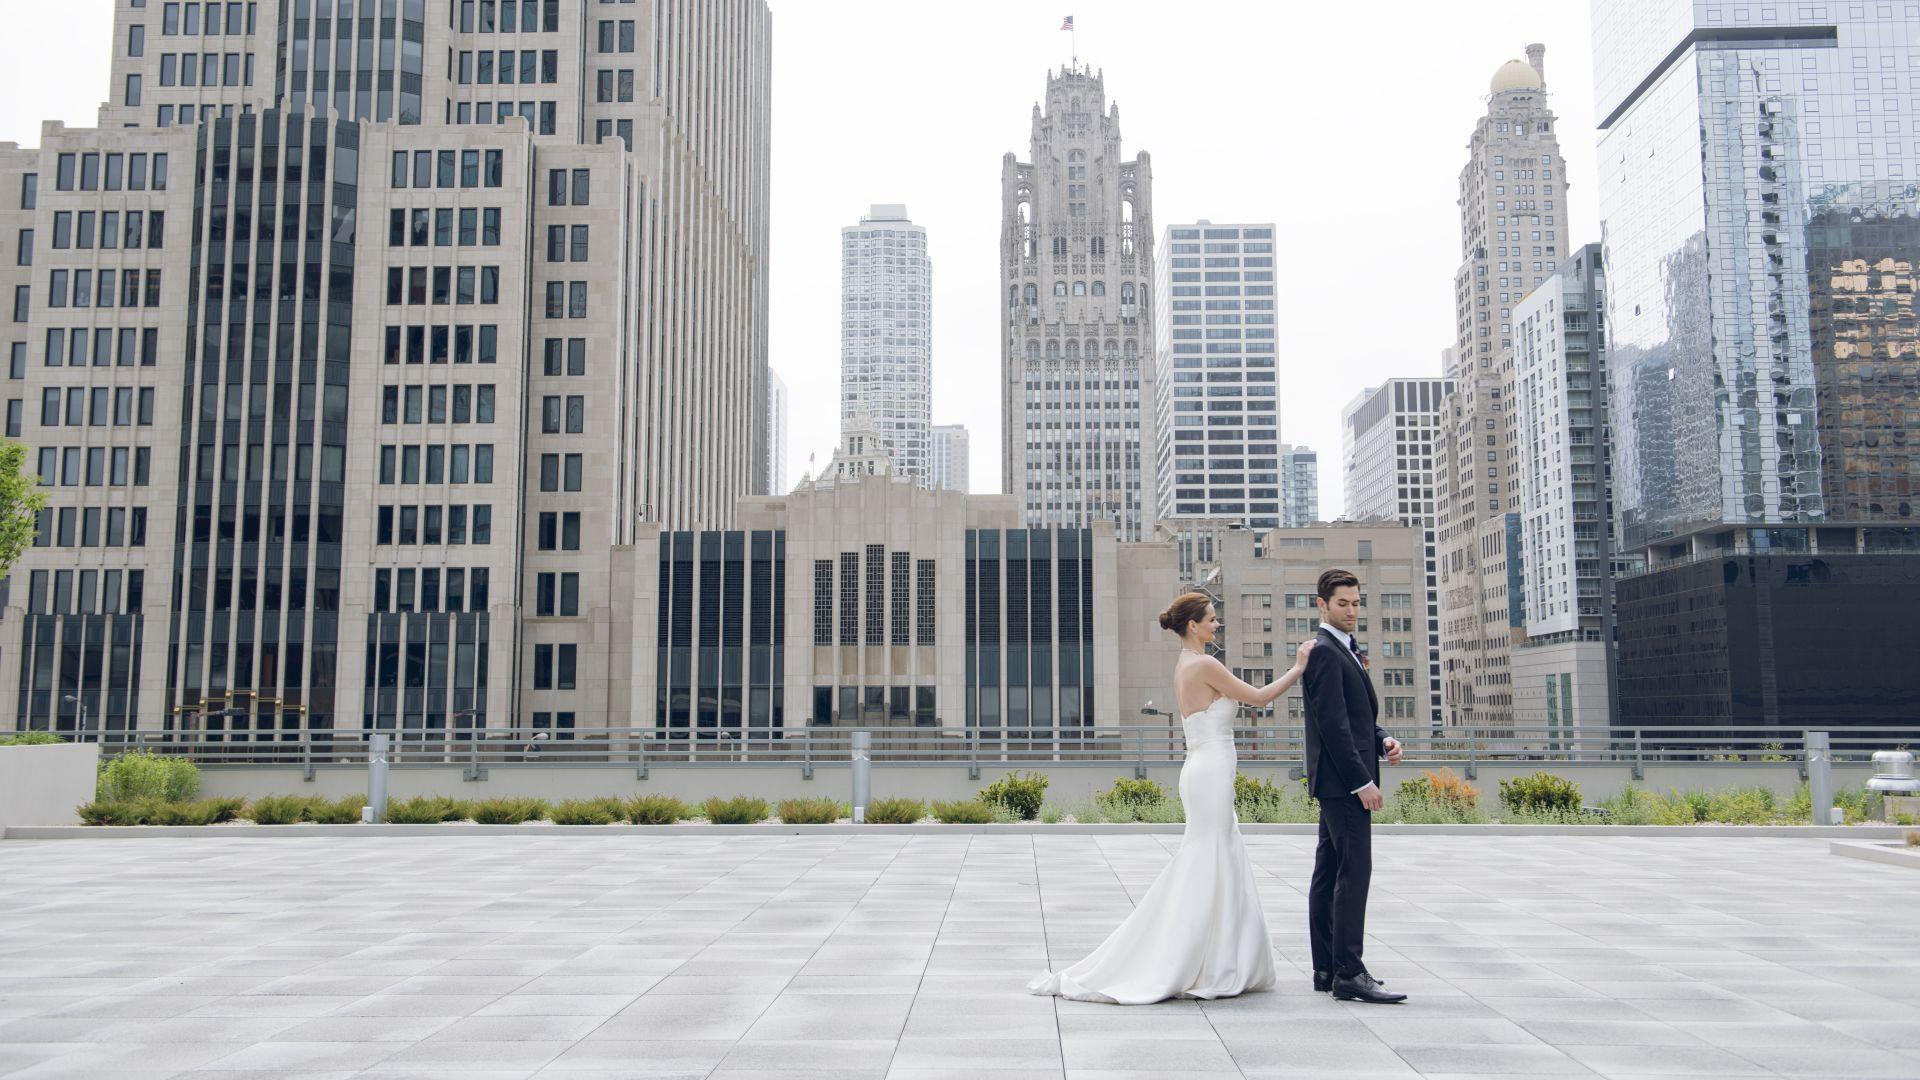 Un hombre parado delante de un edificio